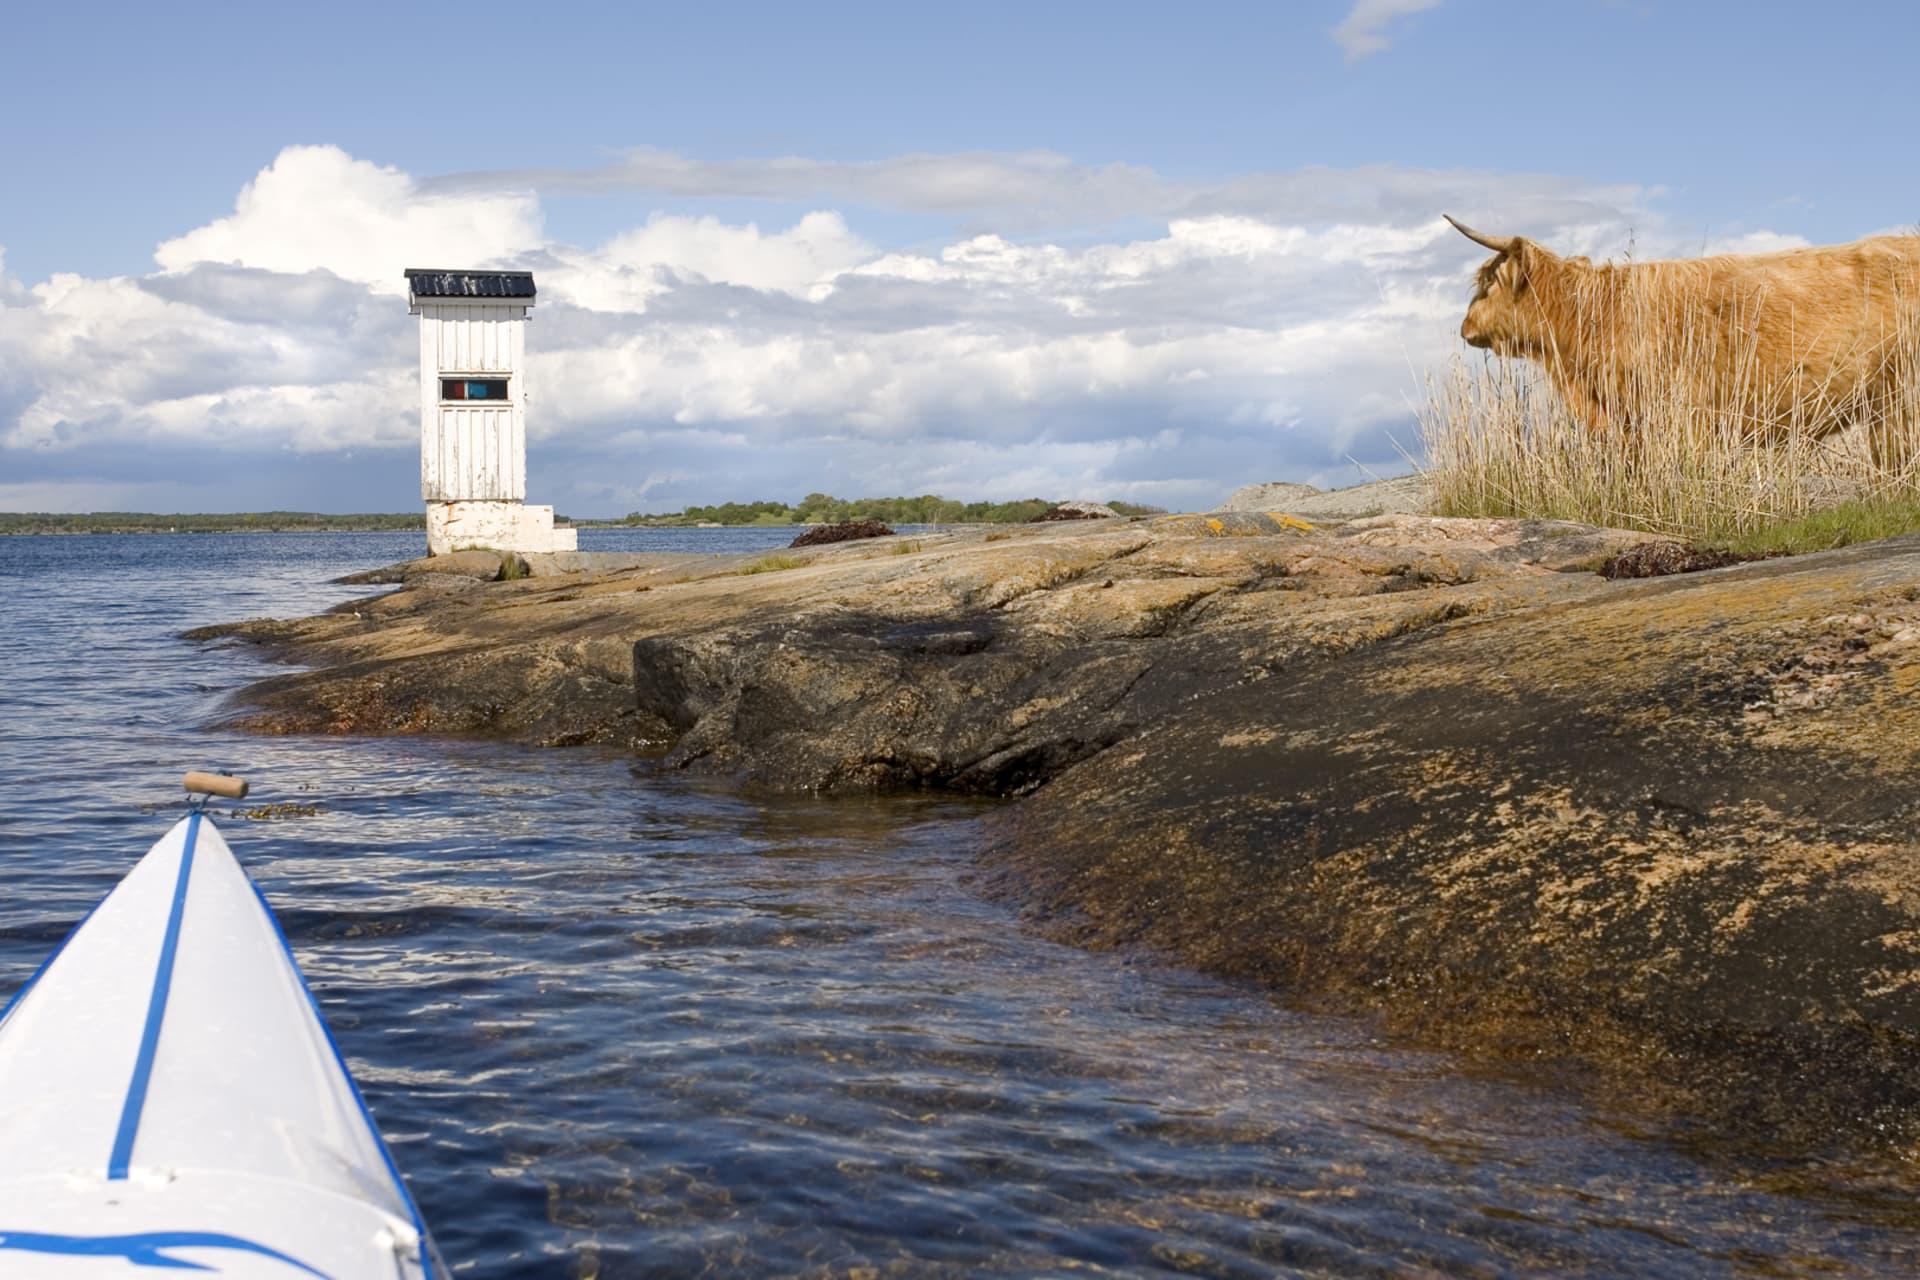 En ko i vassen. Boskapen är många på öarna räkna inte med att vara helt ensam.